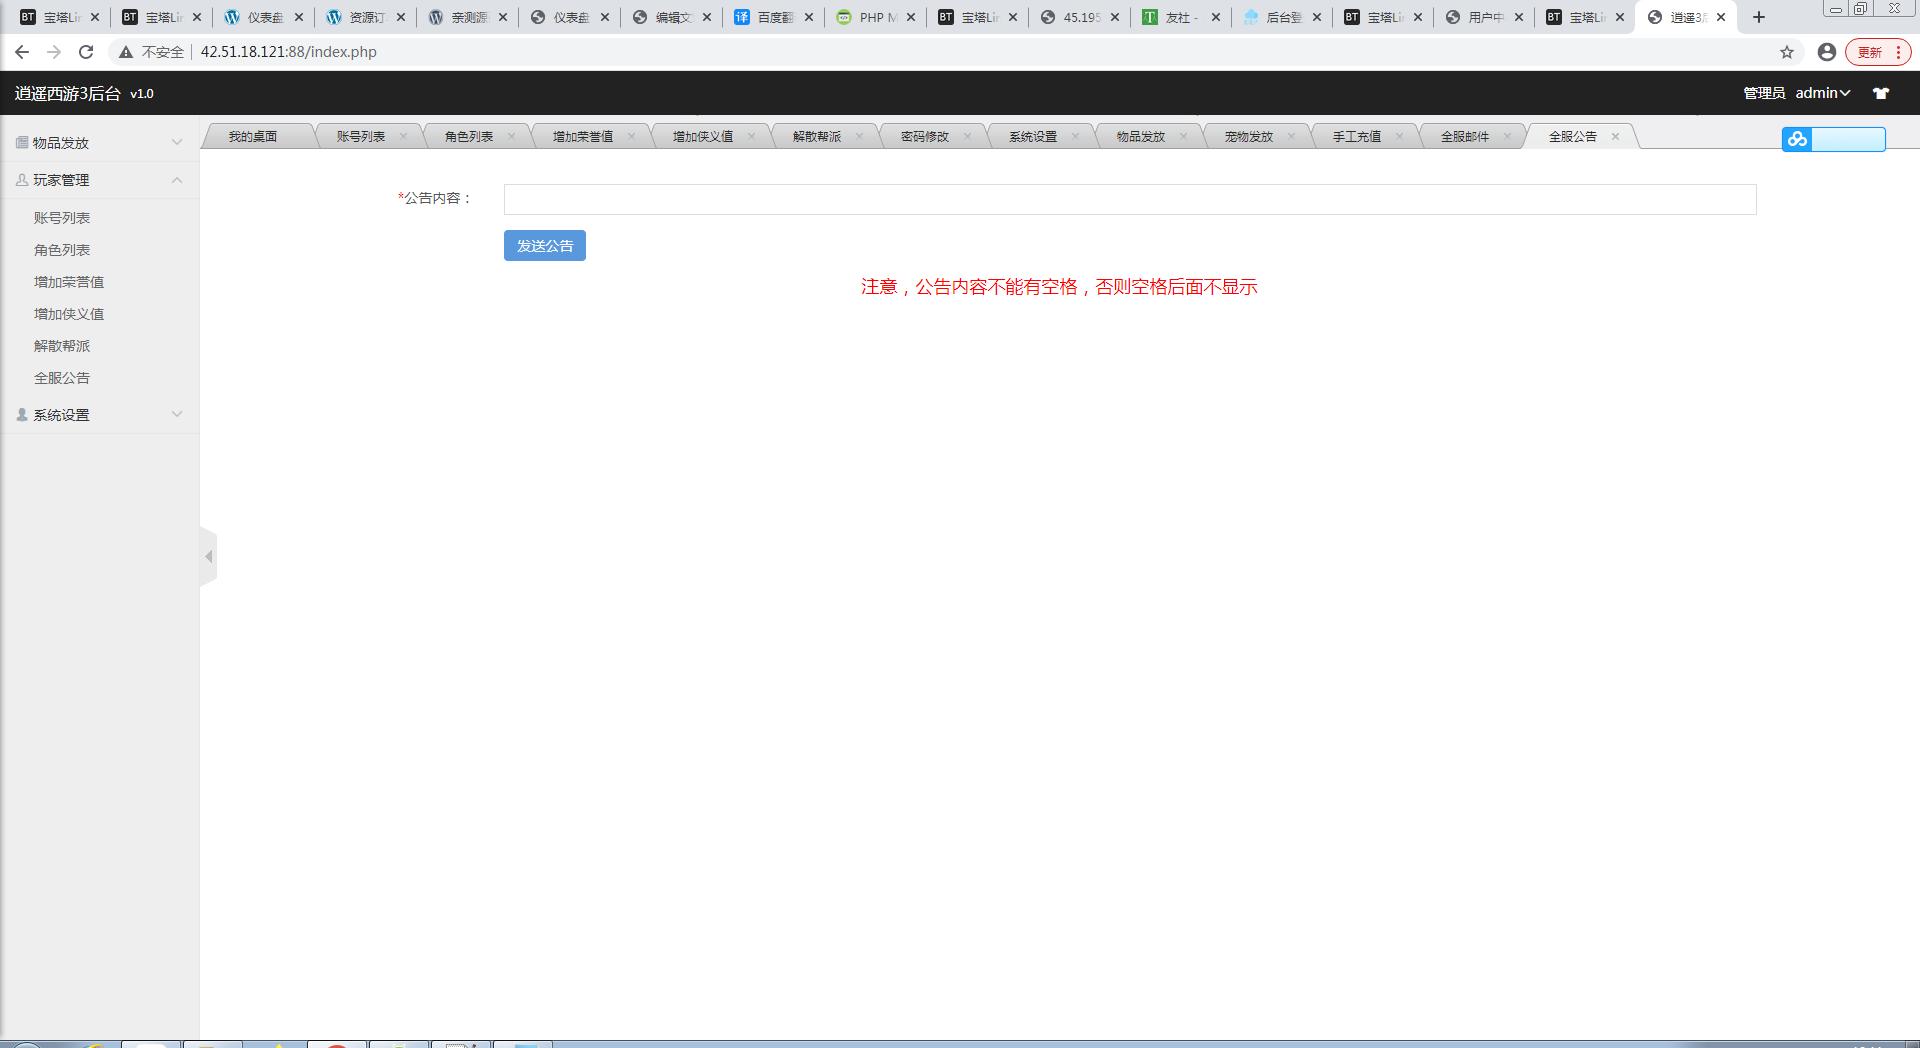 亲测 视频教程丨【大话逍遥西游】回合手游游戏源码天策端丨linux手工服务端+一键既玩服务端+GM后台+安卓苹果双端源码下载